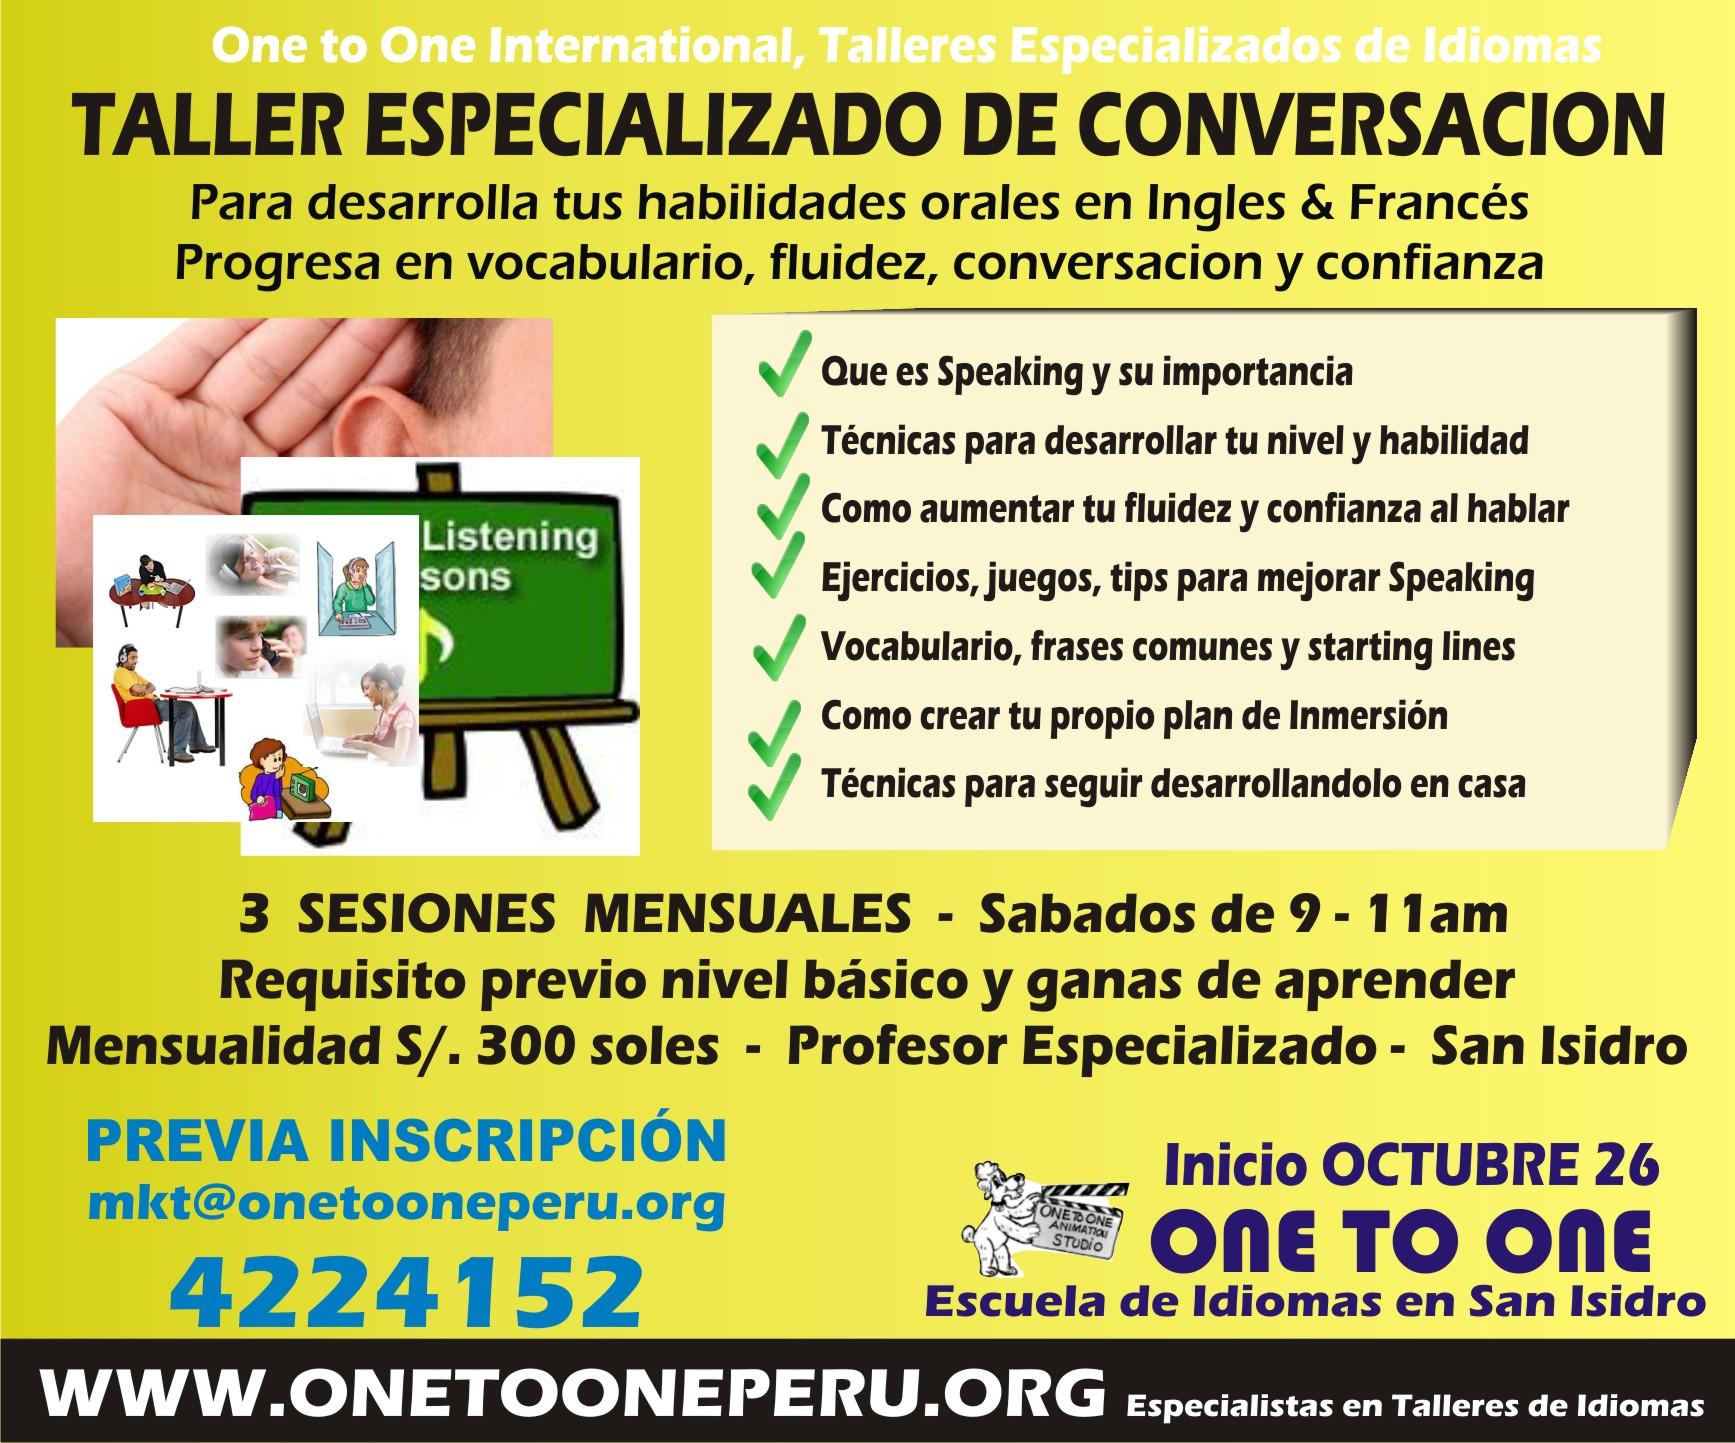 Moderno Reanudar Profesor De Inglés Ideas - Ejemplo De Colección De ...